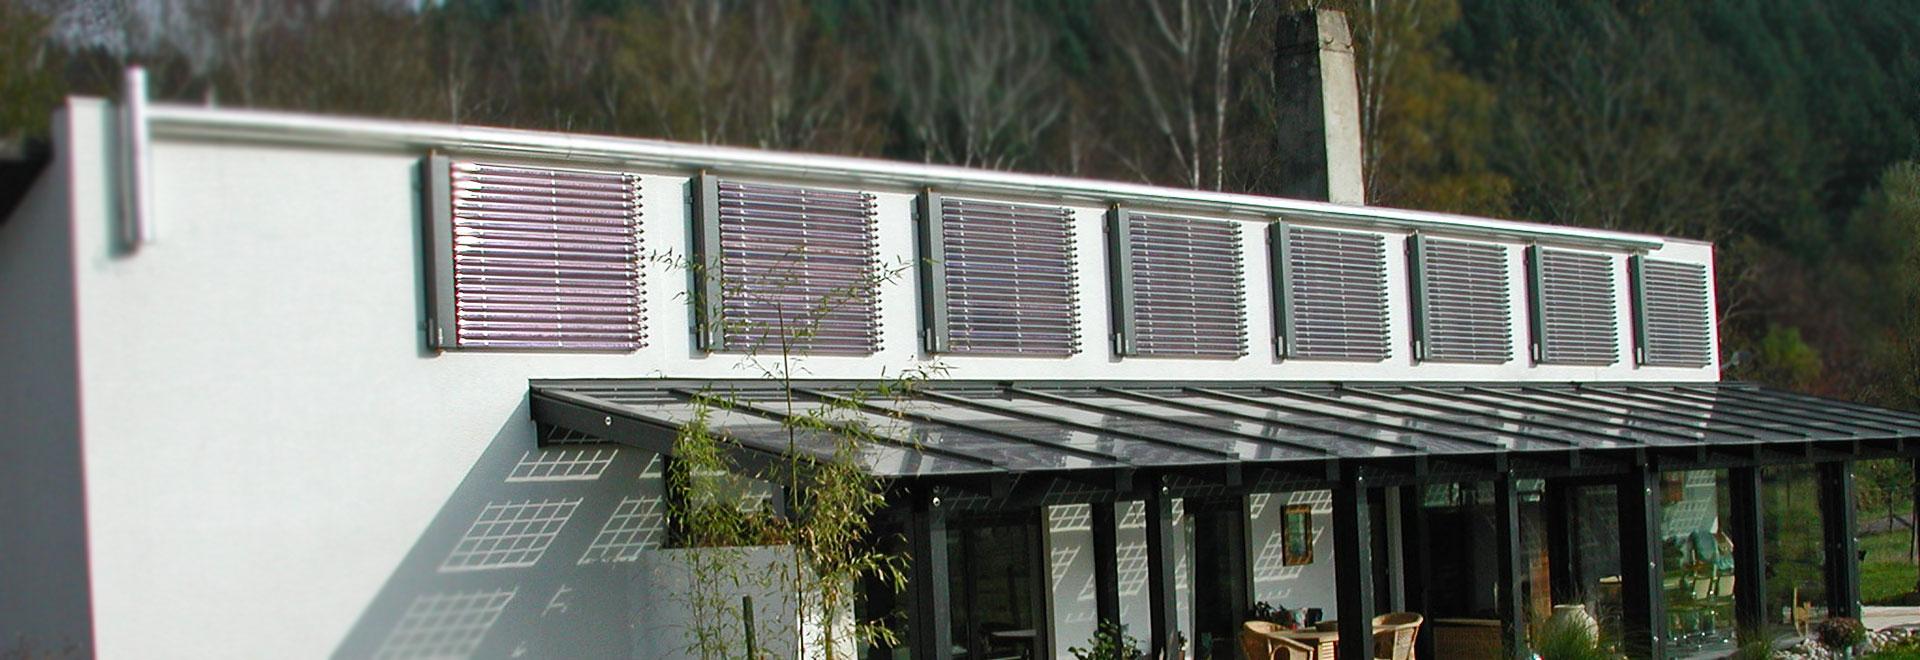 Walter Vögele GmbH in Freiburg: Solaranlage geschickt integrieren